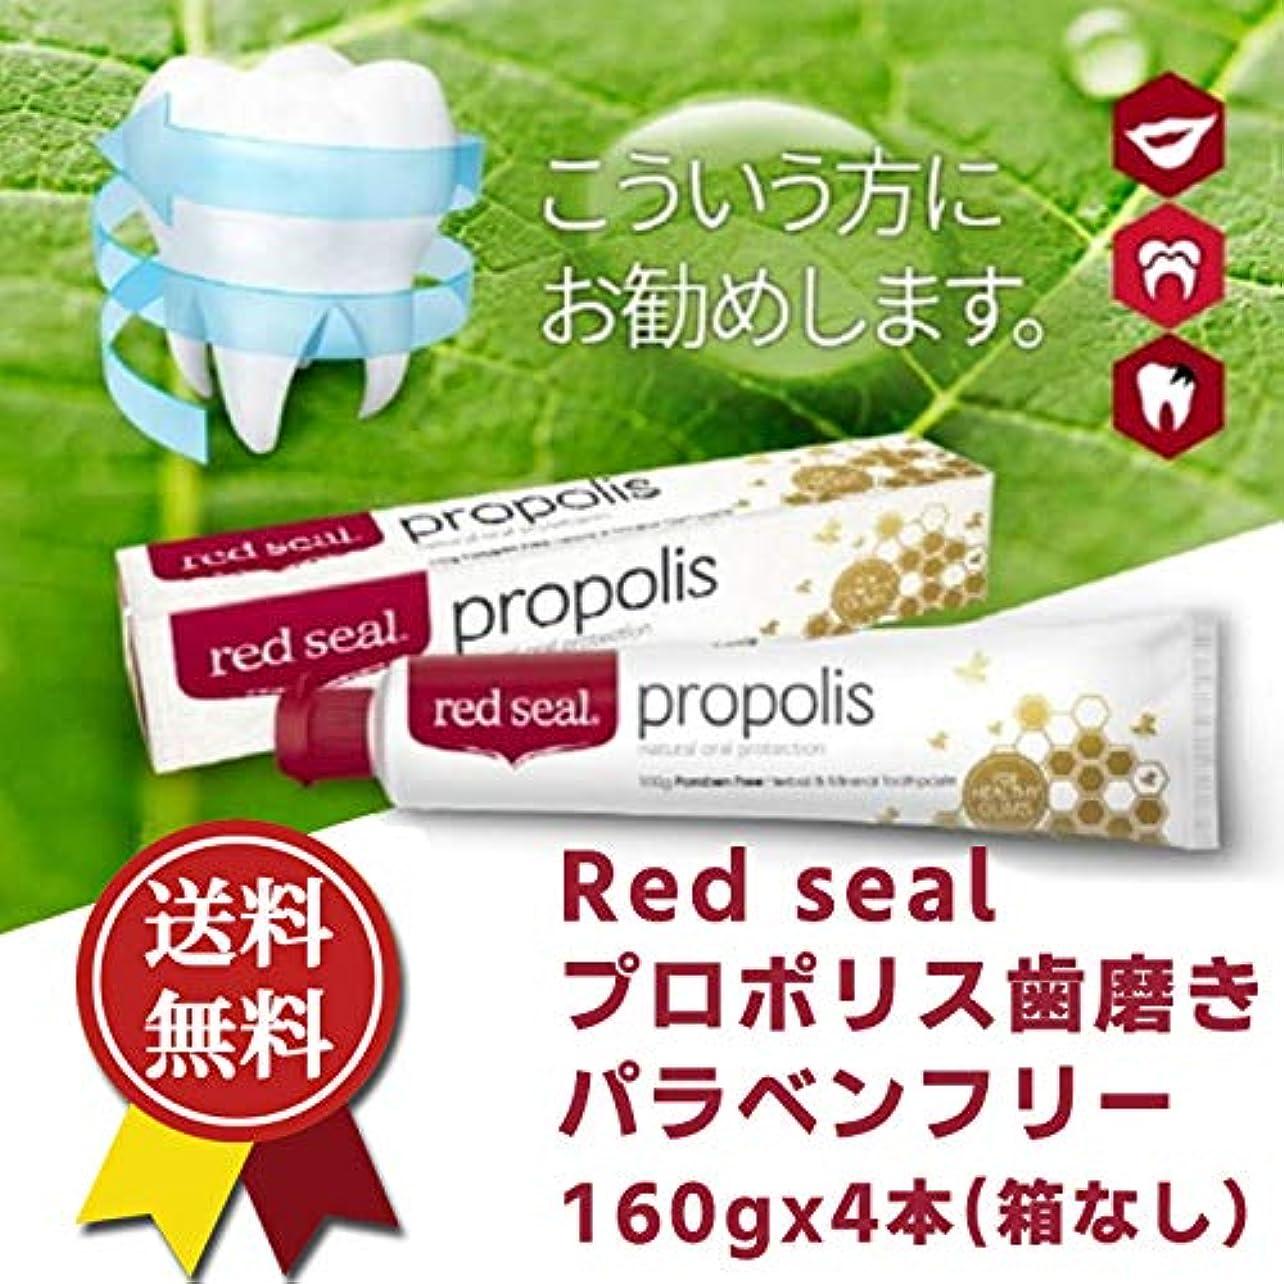 バックアップ忘れっぽいストリップ★送料無料★red seal レッドシール プロポリス 歯磨き粉160gx4本 RED SEAL Propolis Toothpaste